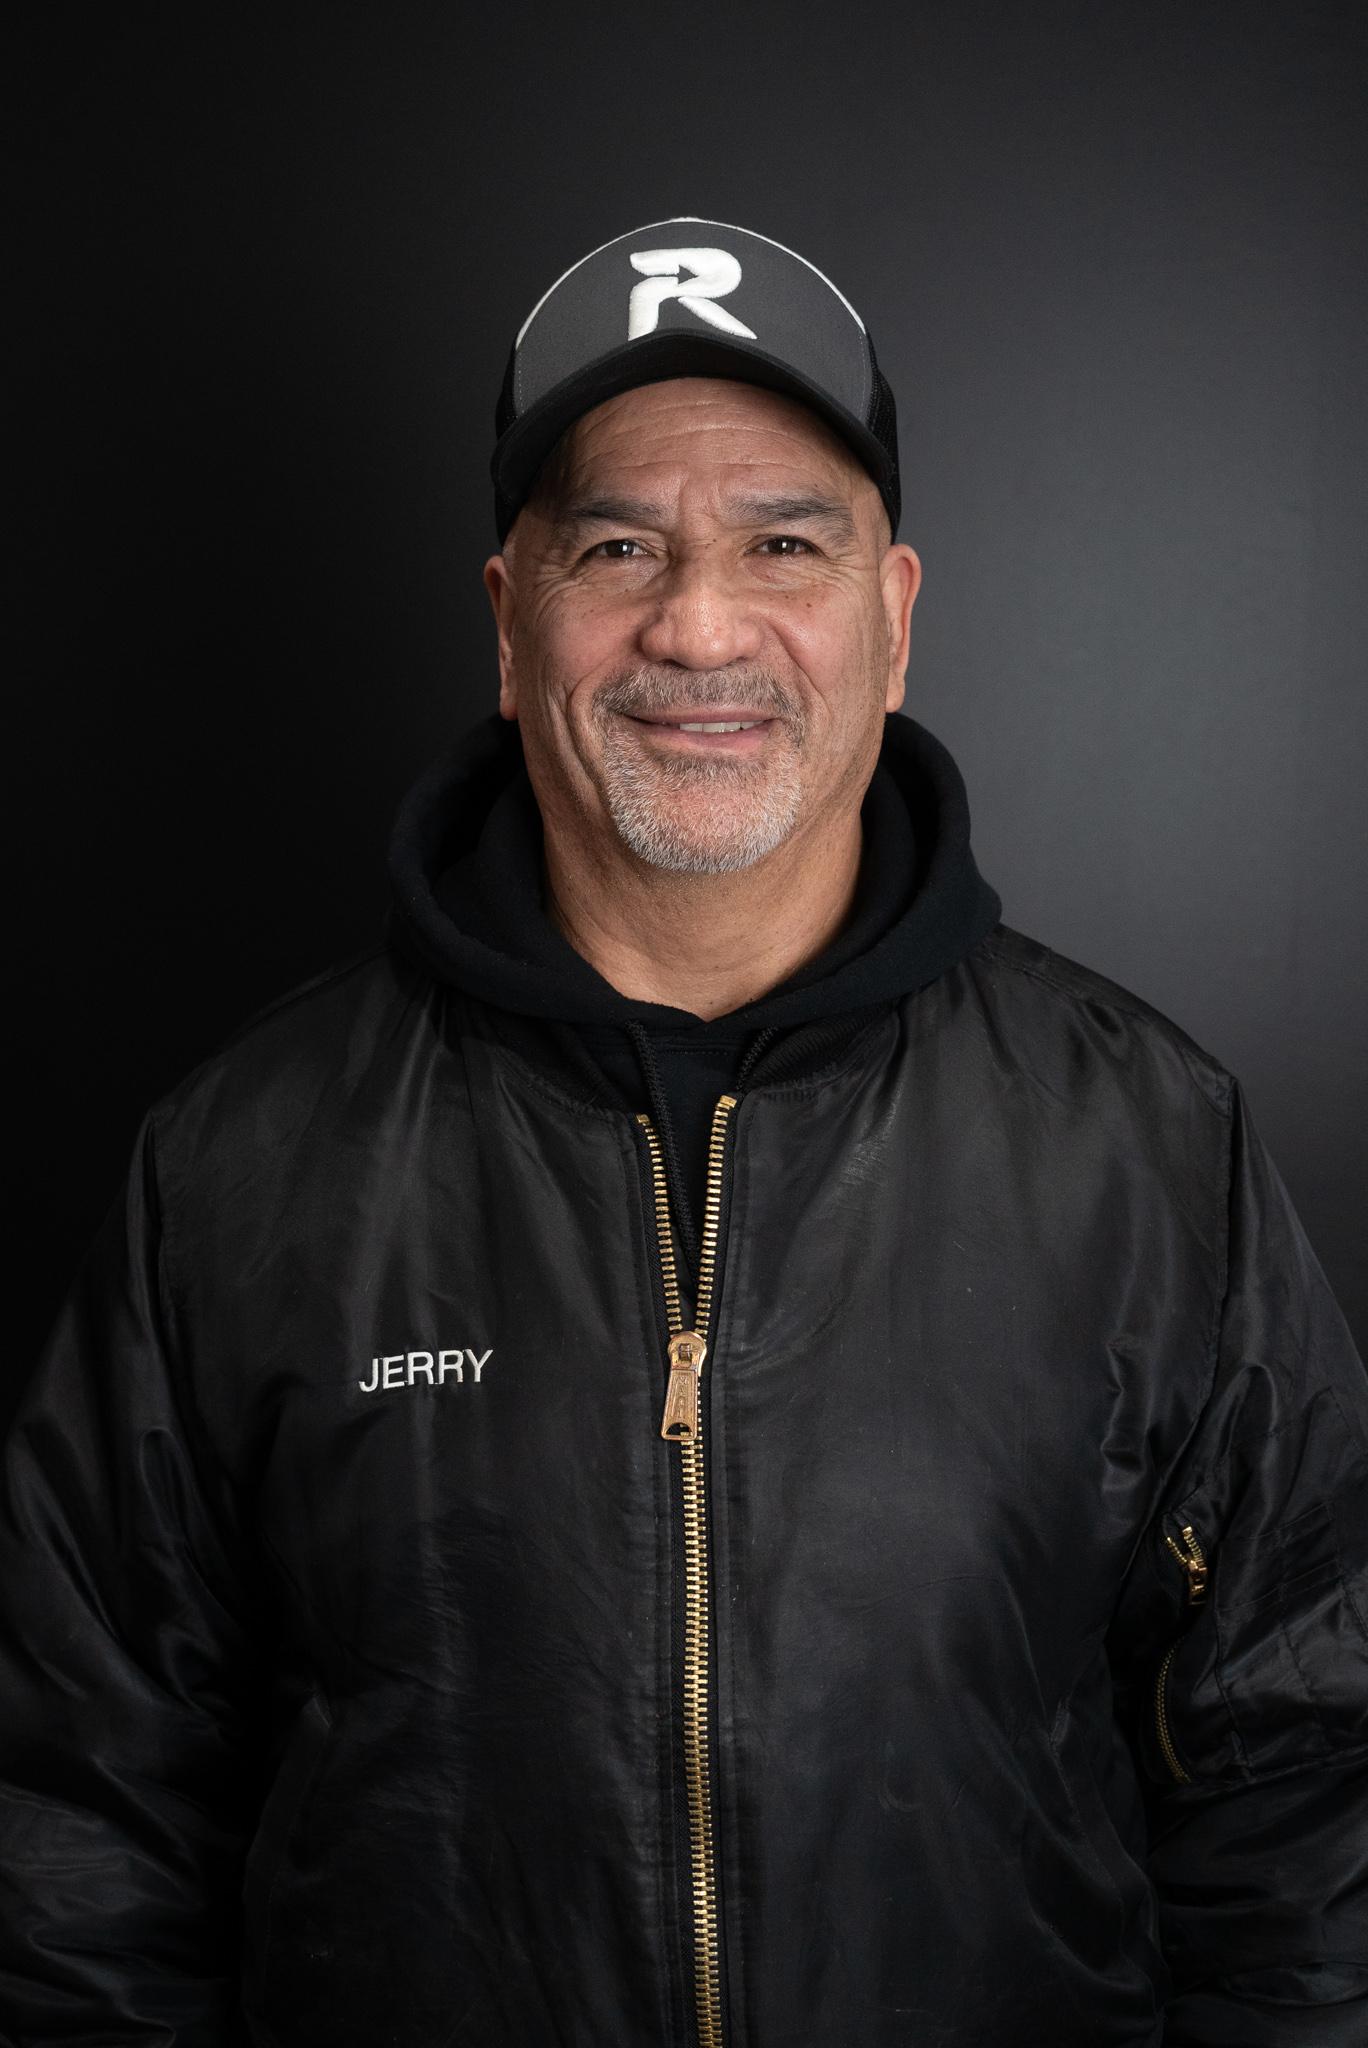 Jerry Regalado